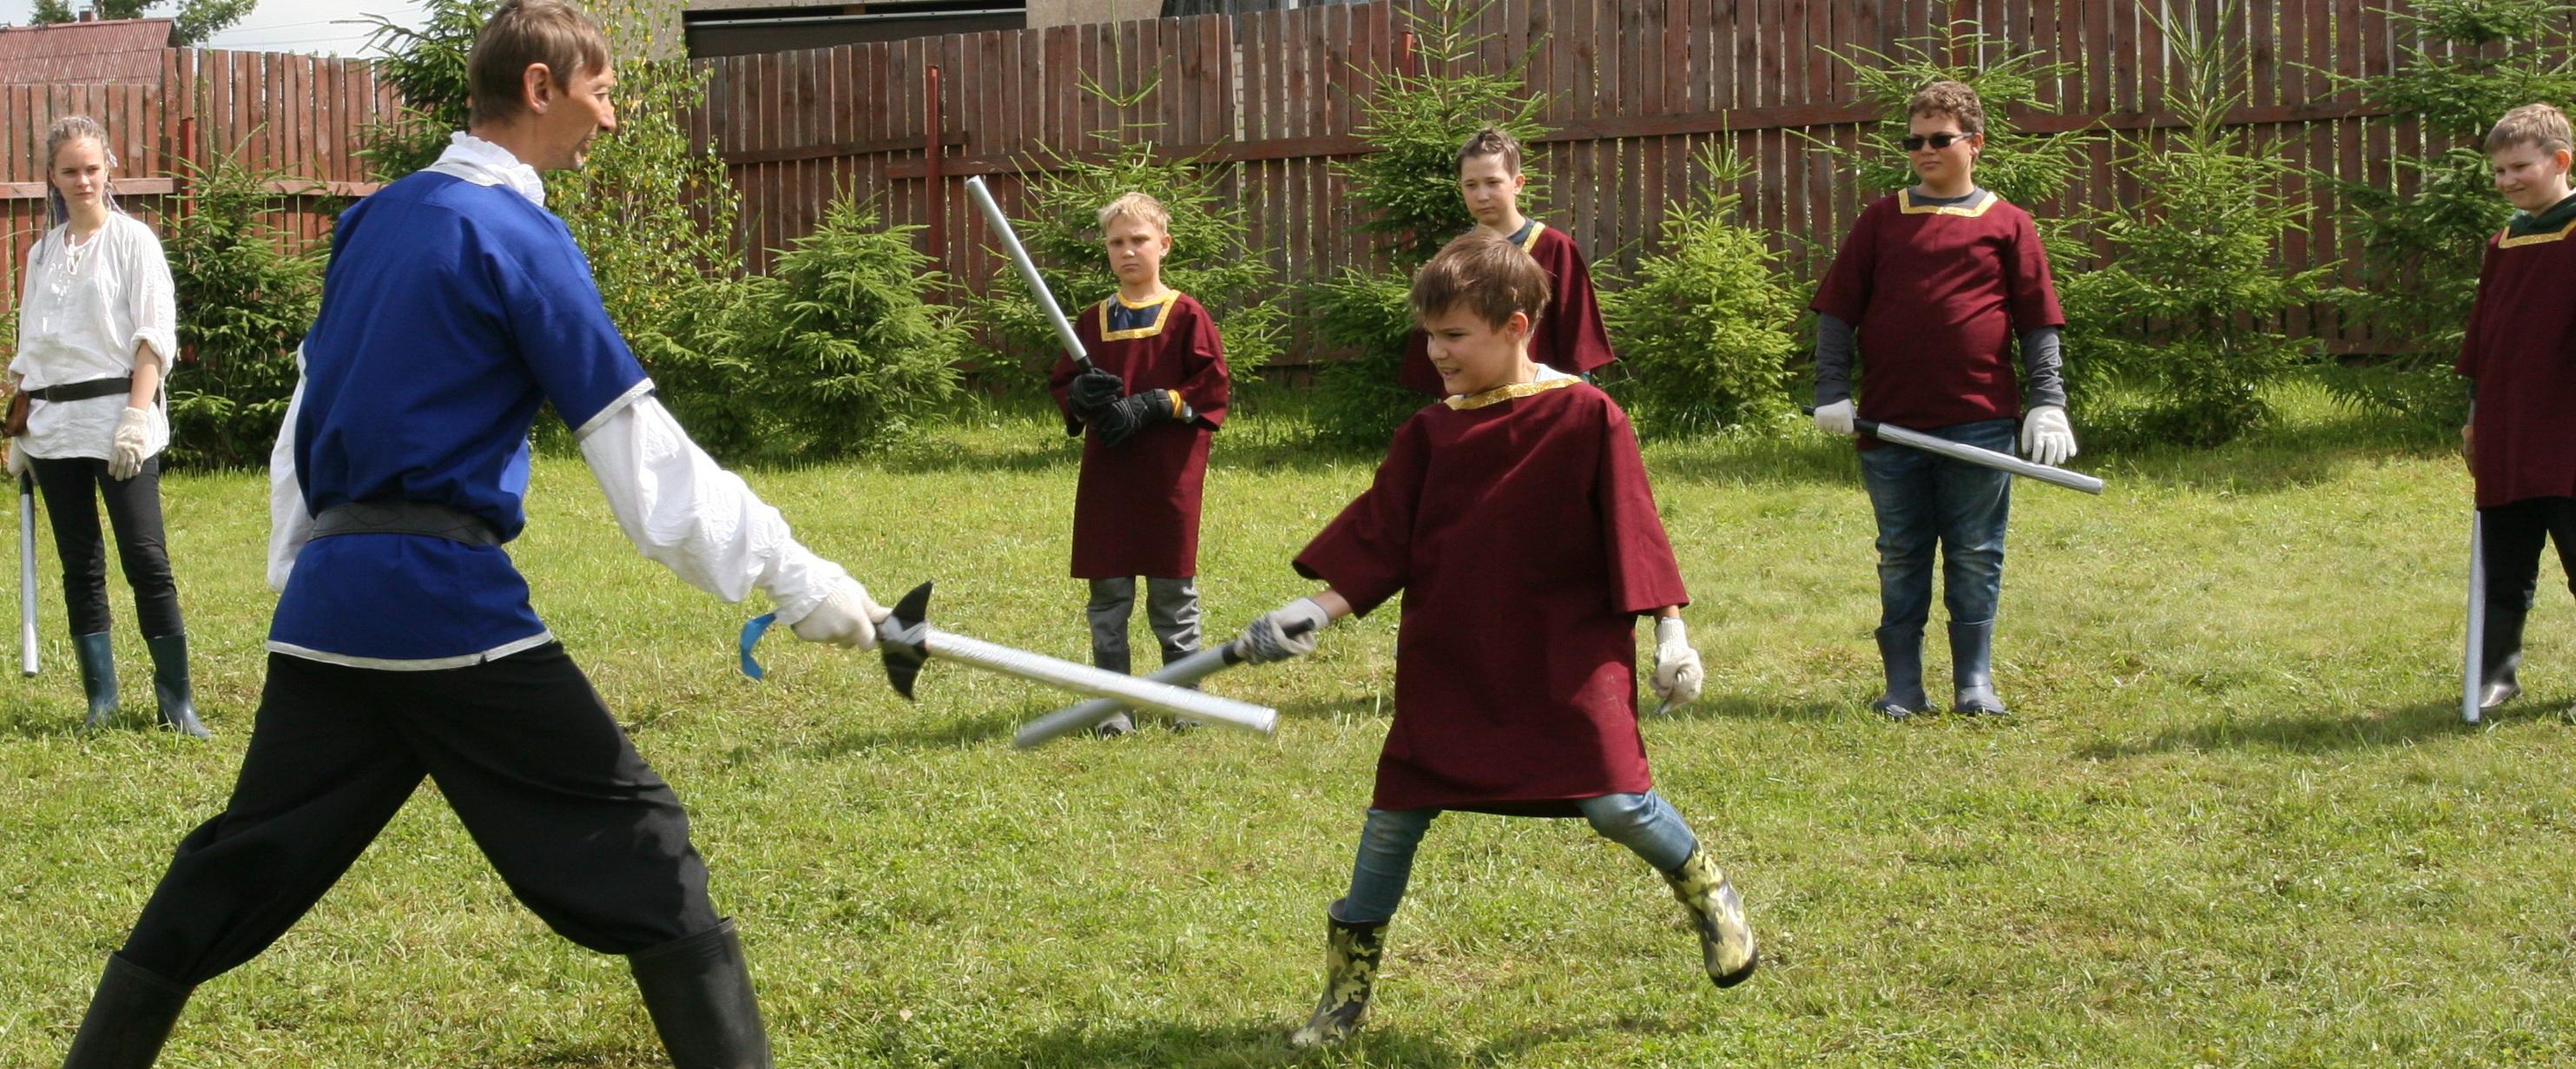 <span>Верные мечи будем испытывать в тренировках по фехтованию</span>